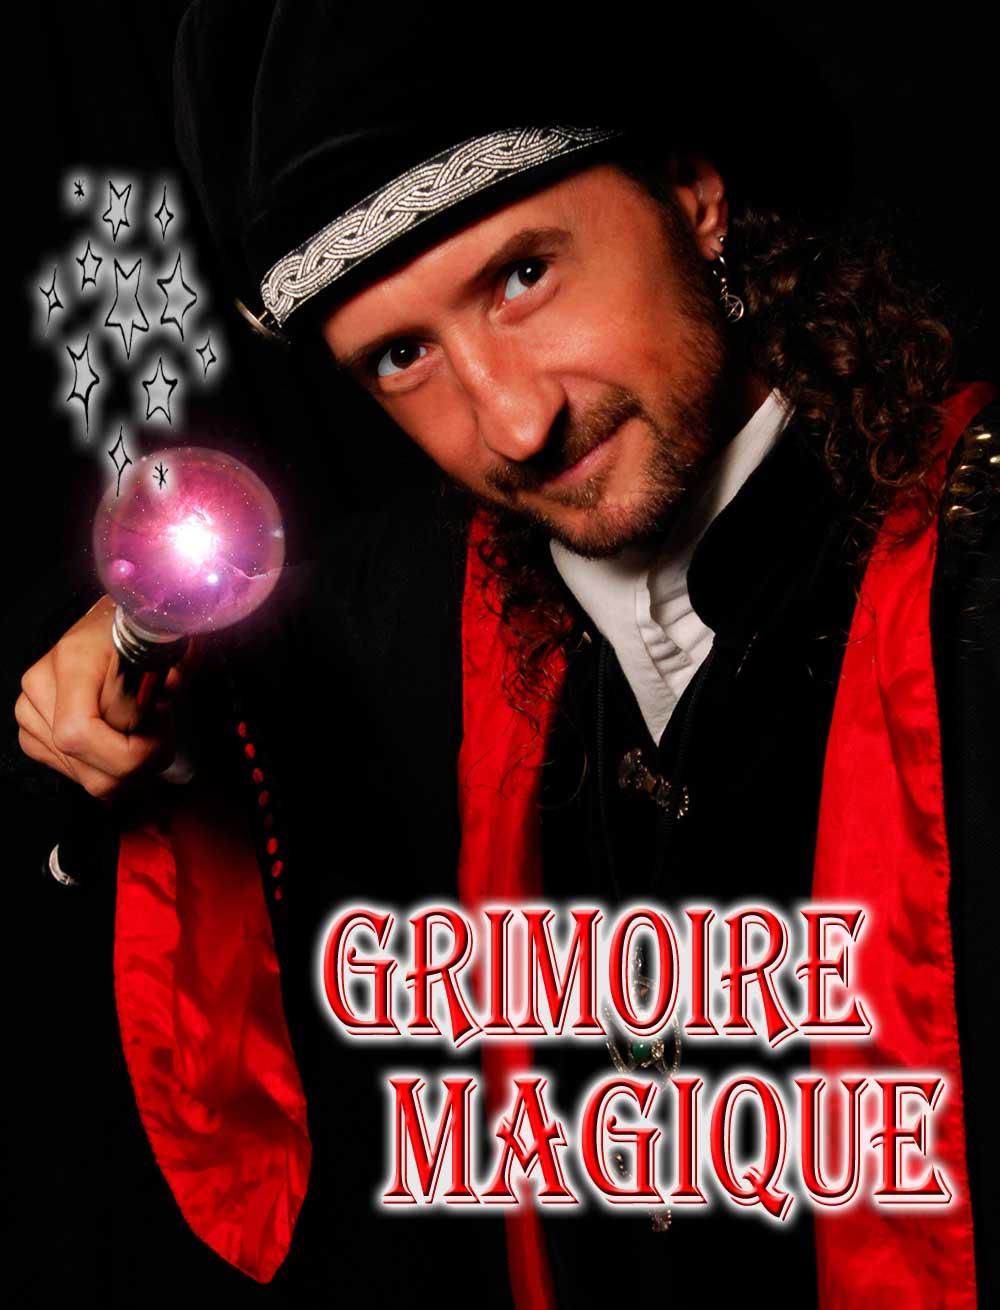 Spectacle de magie Grimoire magique, loran magicien illusionniste